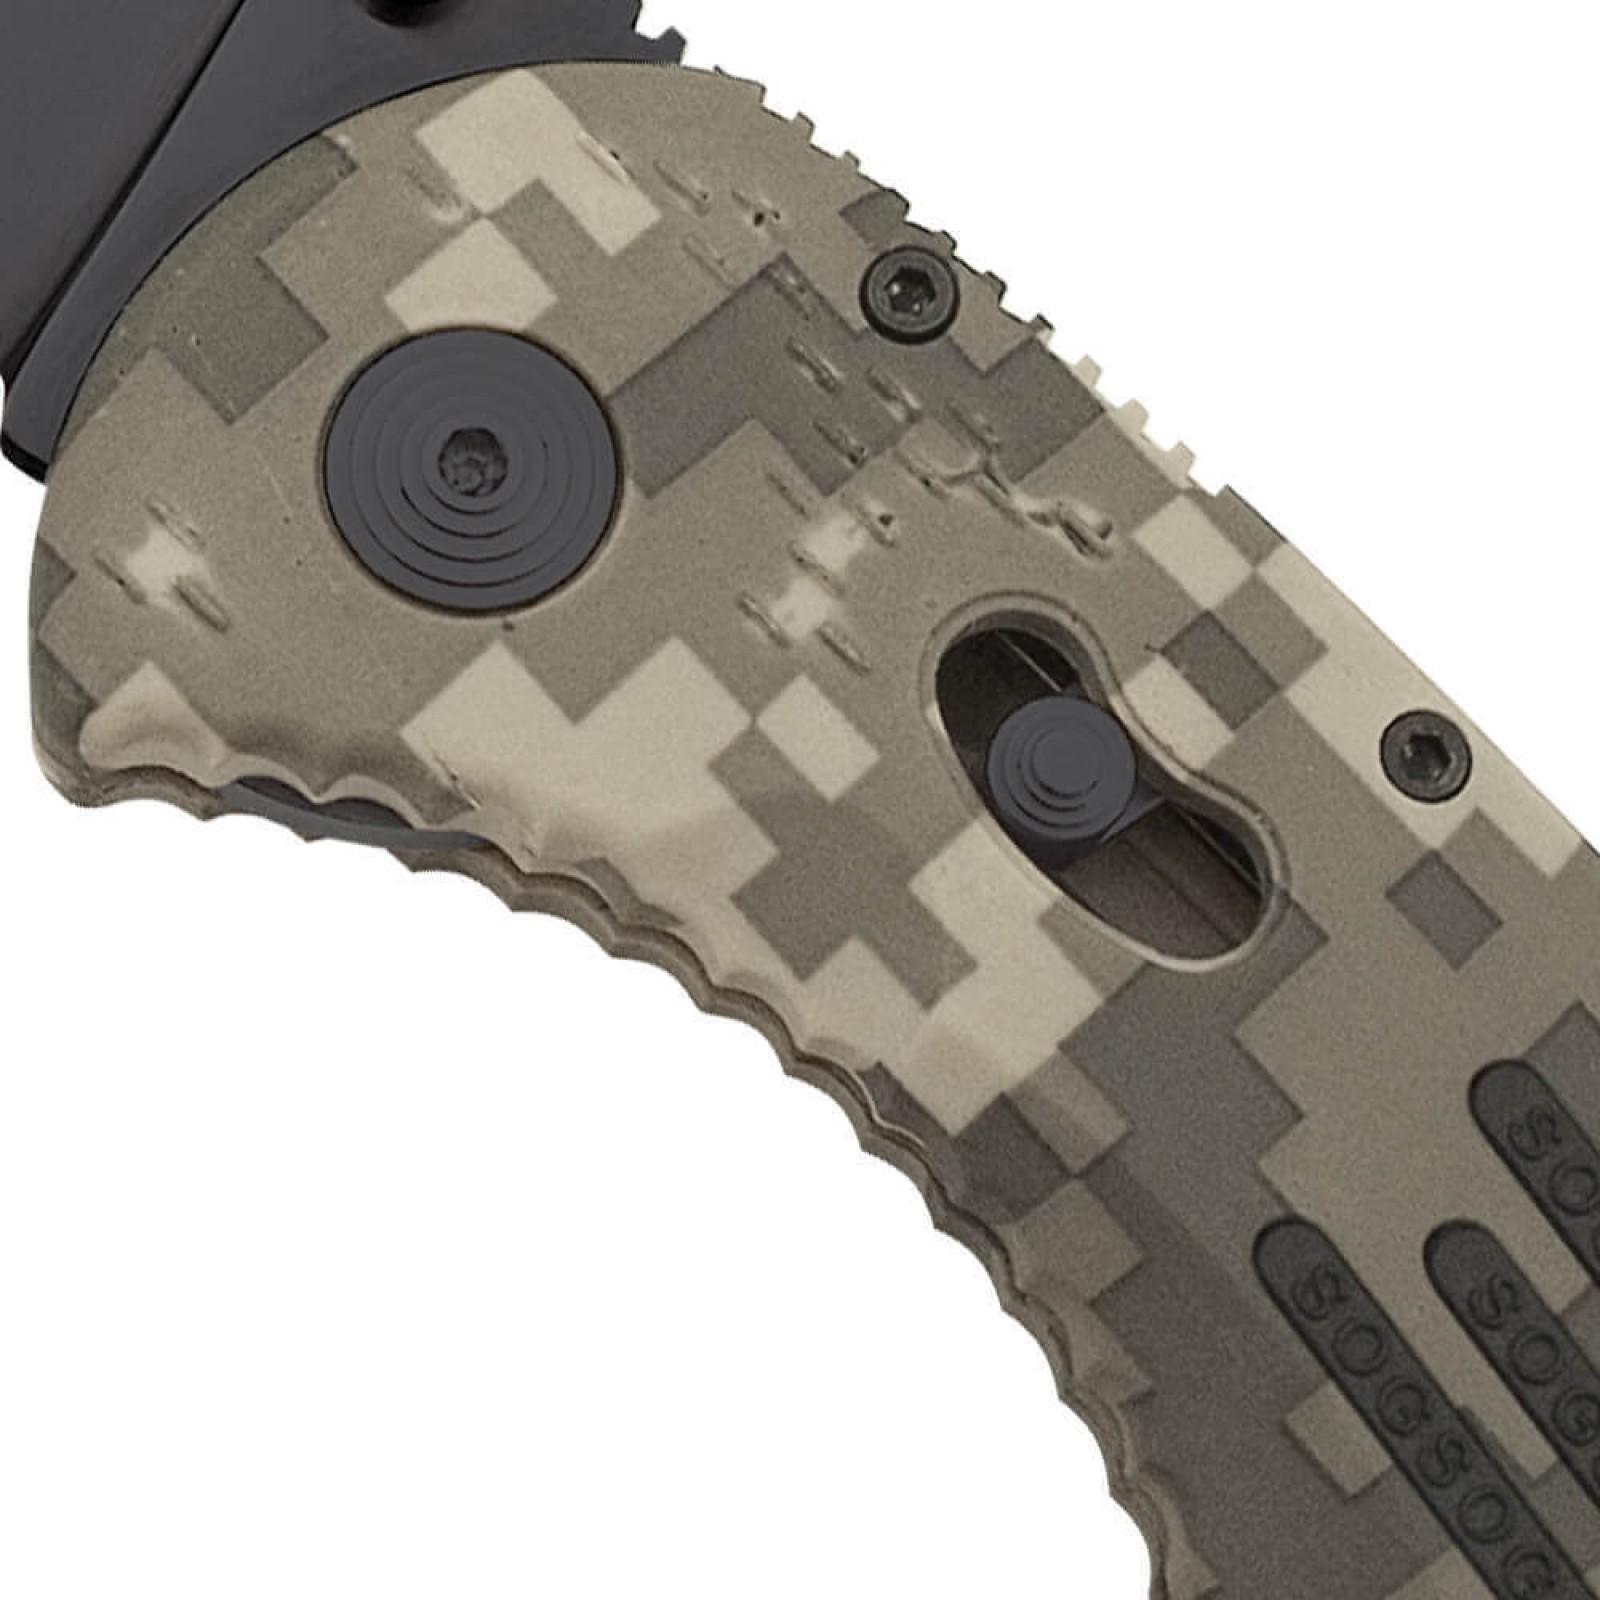 Фото 13 - Складной нож с фиксатором Aegis Digi Camo 8.9 см. - SOG AE06, сталь AUS-8, рукоять пластик GRN